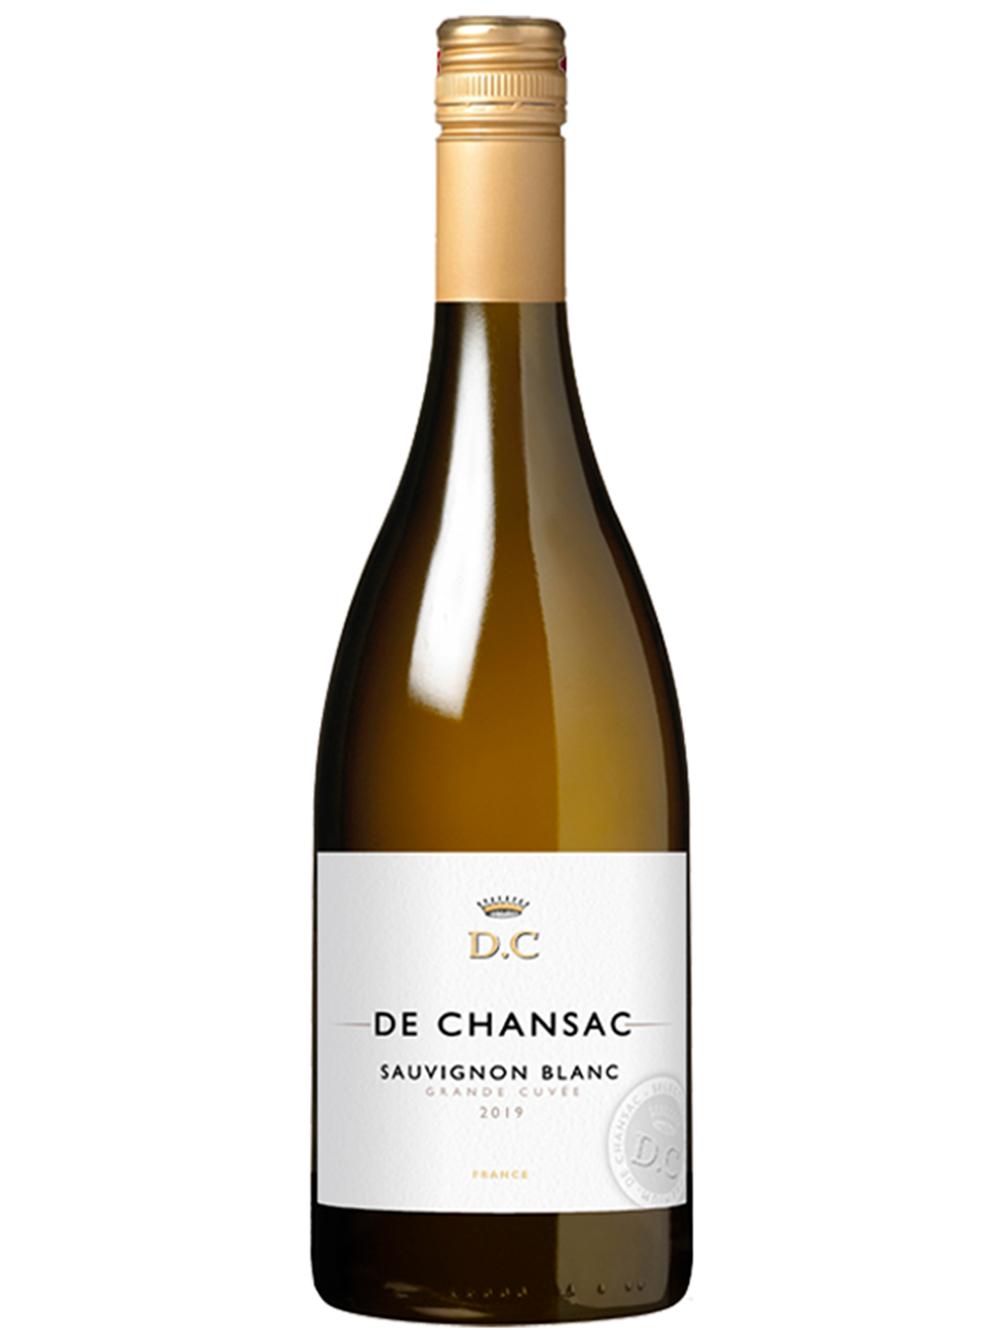 De Chansac Sauvignon Blanc